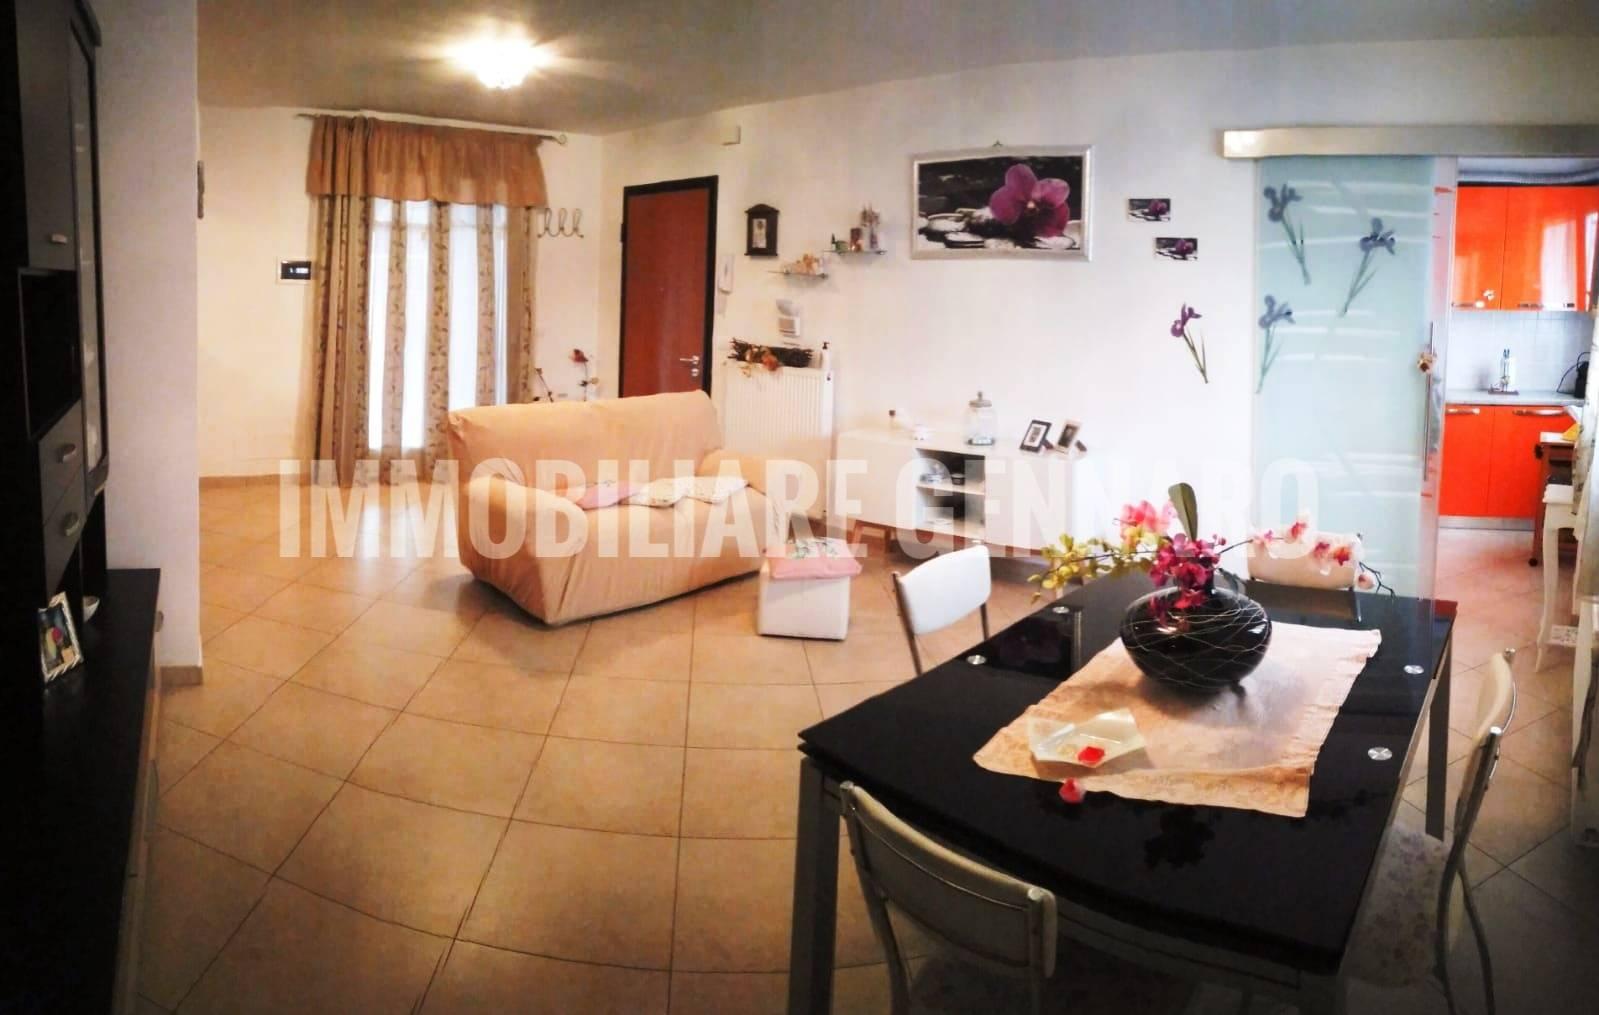 Appartamento in vendita a Pozzuolo del Friuli, 3 locali, zona nzano, prezzo € 105.000 | PortaleAgenzieImmobiliari.it